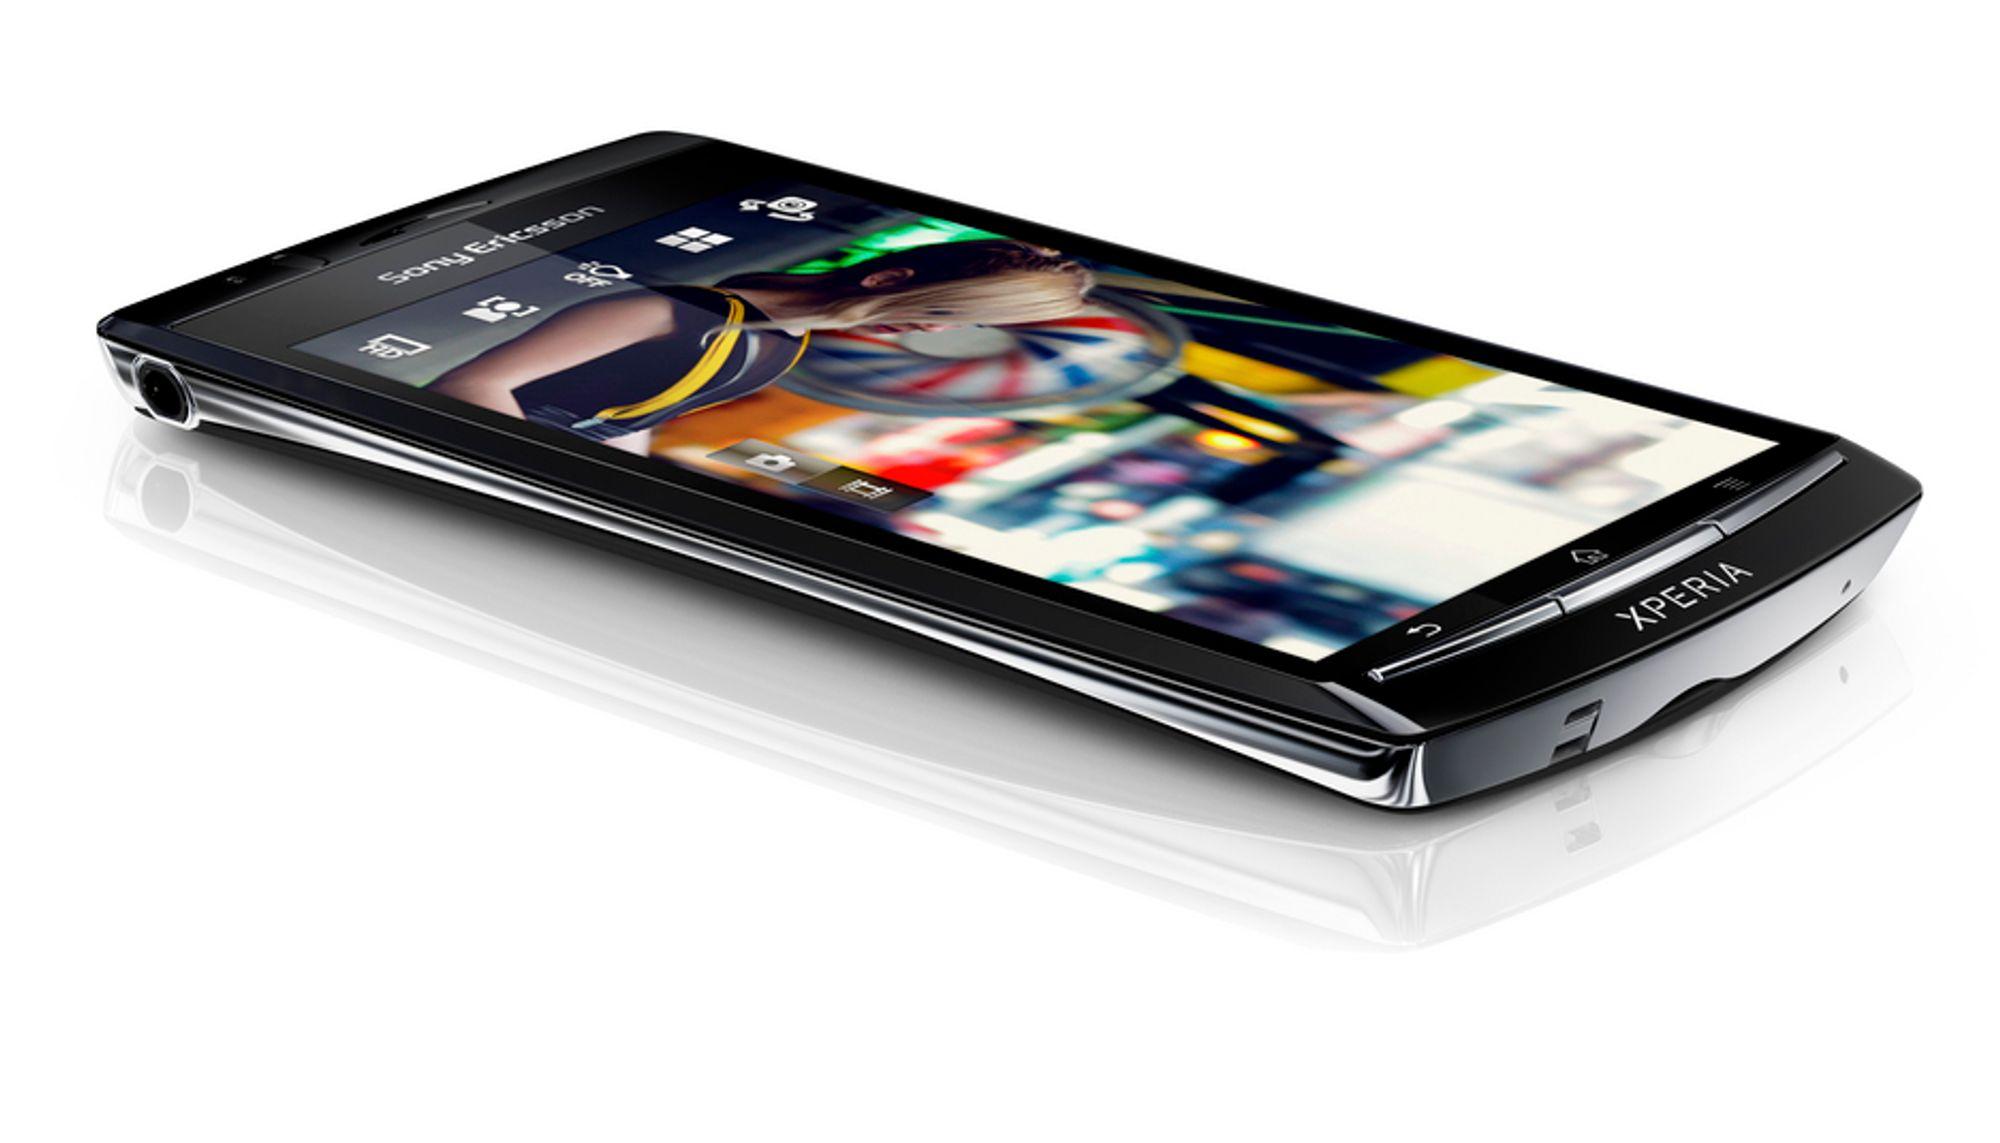 Sony Ericsson Xperia arc får litt mer kurvede former enn de tidligere Xperia-modellene, og blir proppet med teknologi.